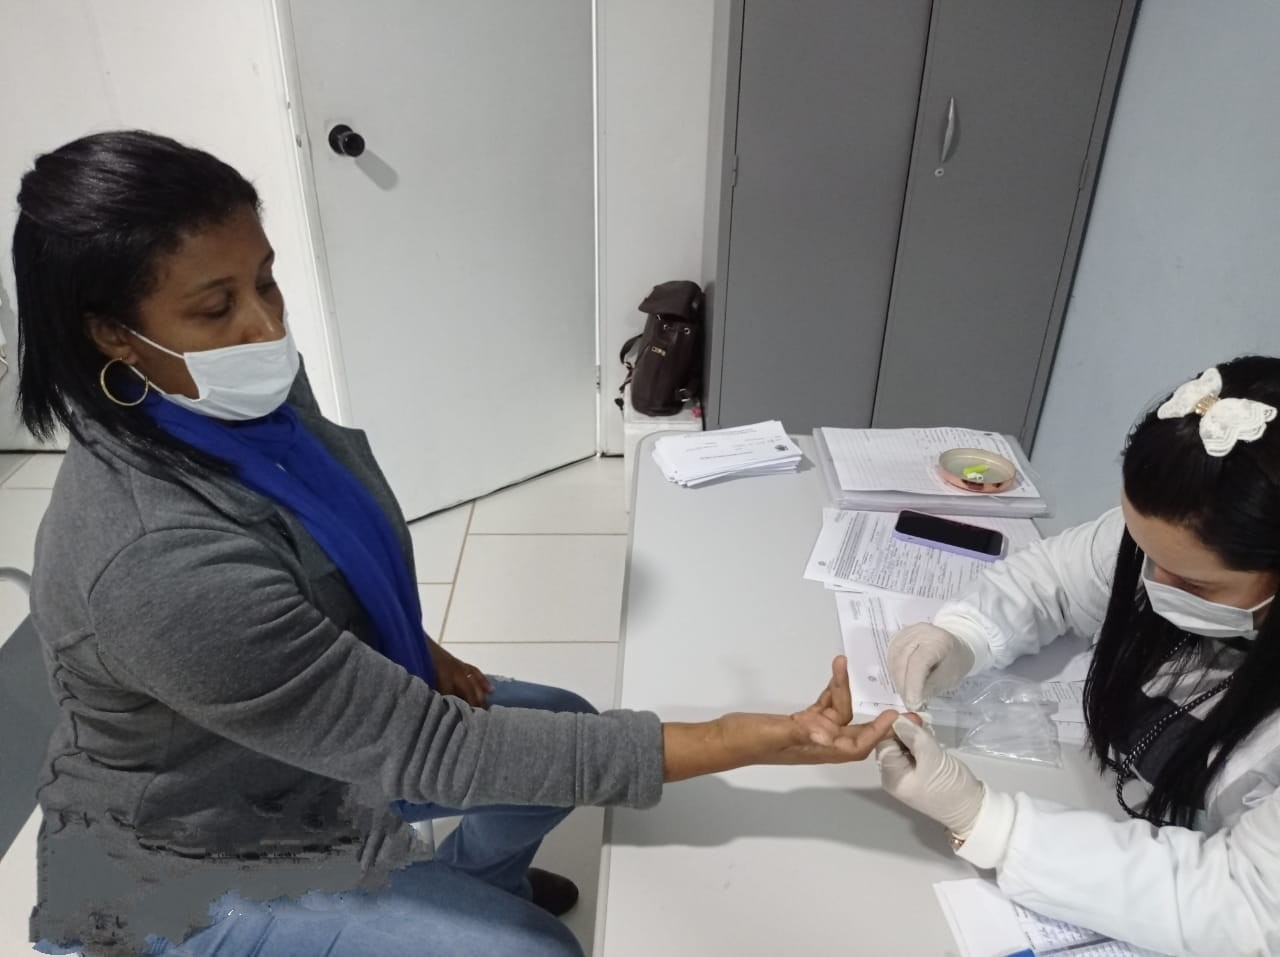 Varre-Sai, RJ, faz testagem para Covid-19 em professores da rede municipal de ensino